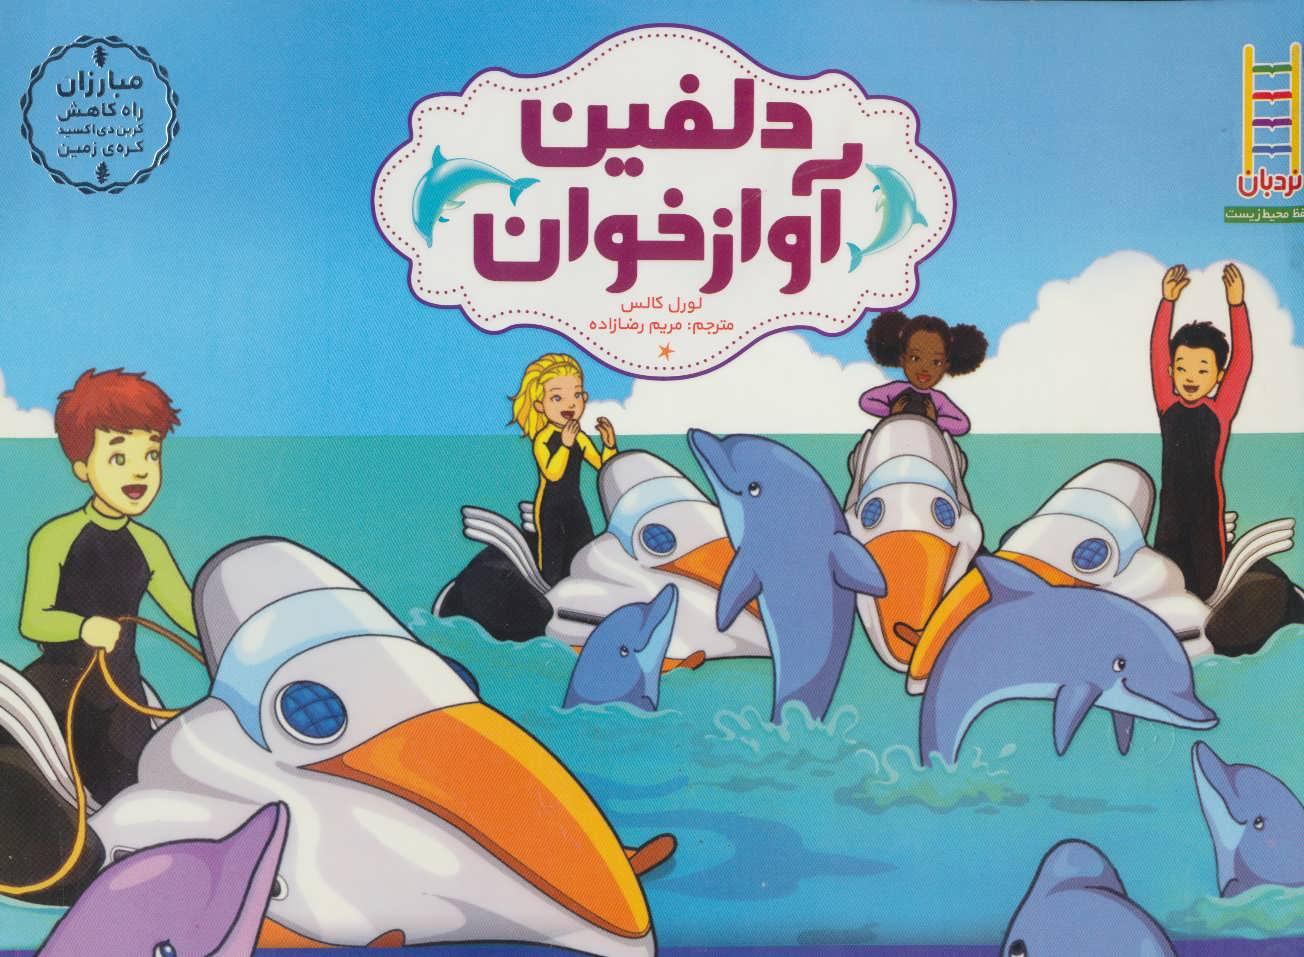 دلفین آواز خوان (مبارزان راه کاهش کربن دی اکسید کره ی زمین)